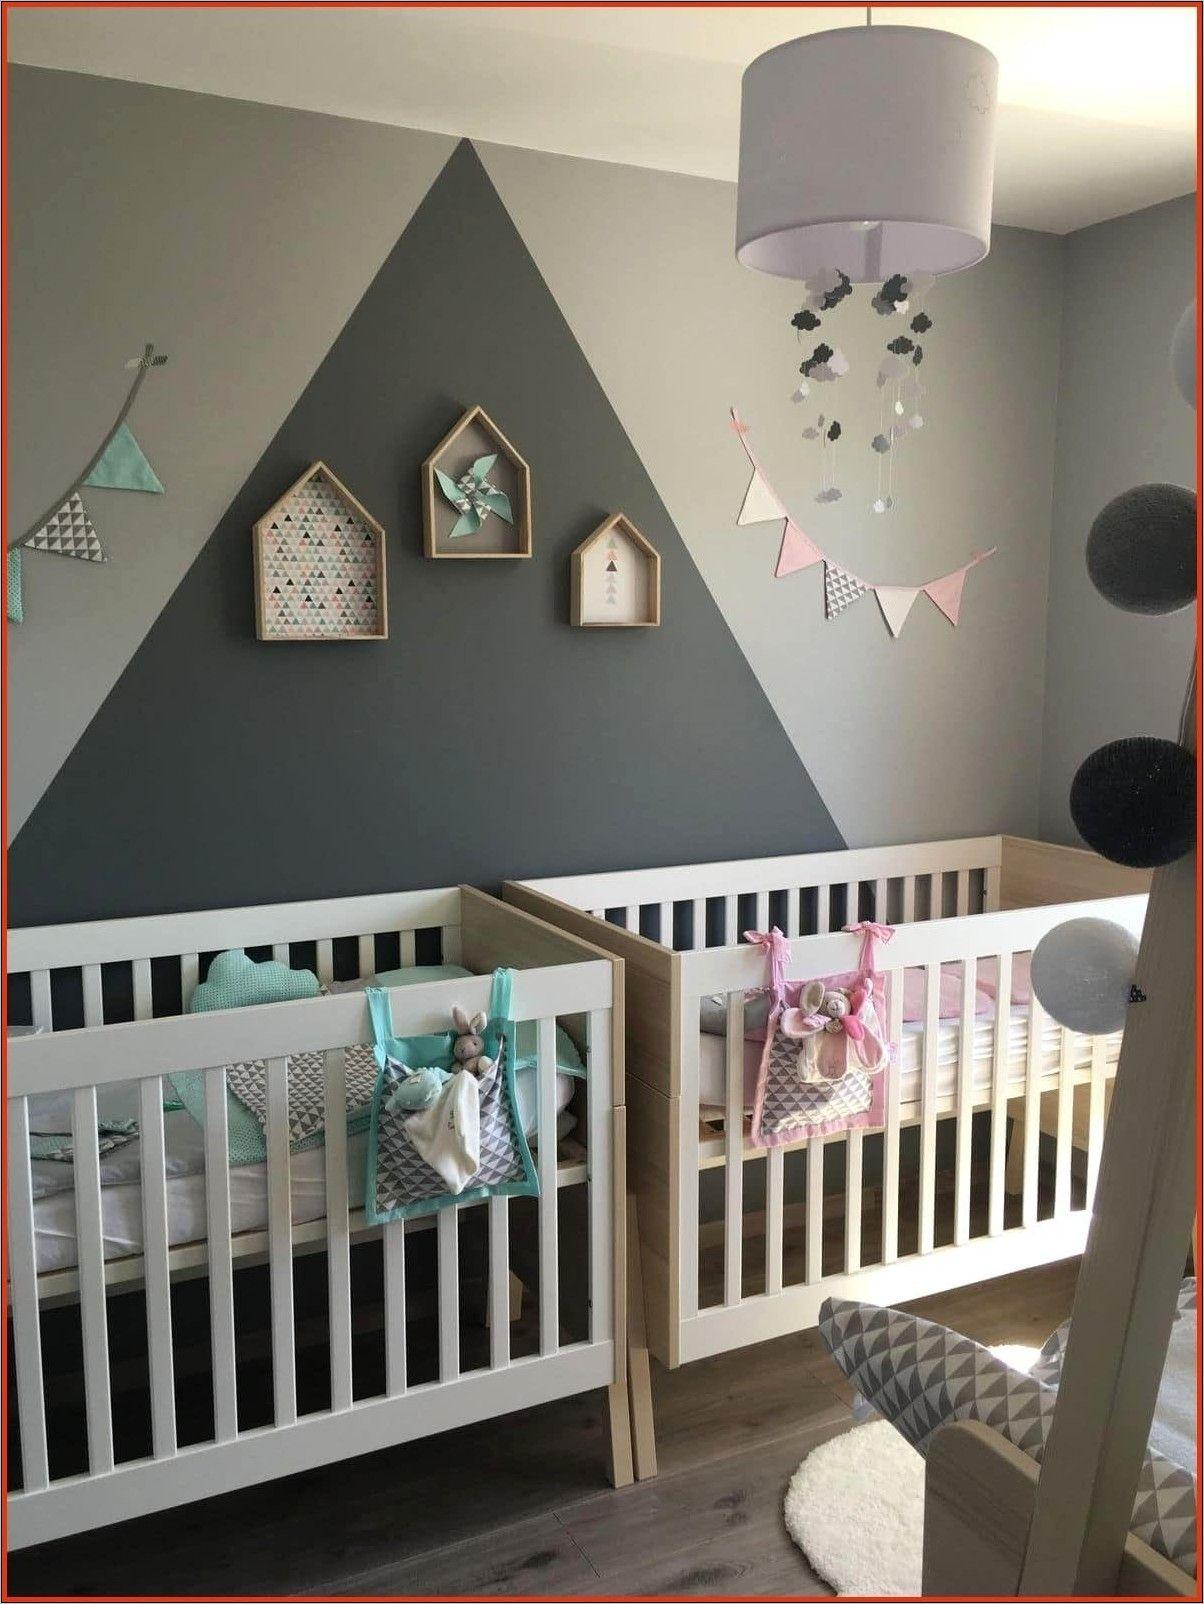 Deco Chambre Jumeaux Fille Garçon  Décoration murale chambre bébé